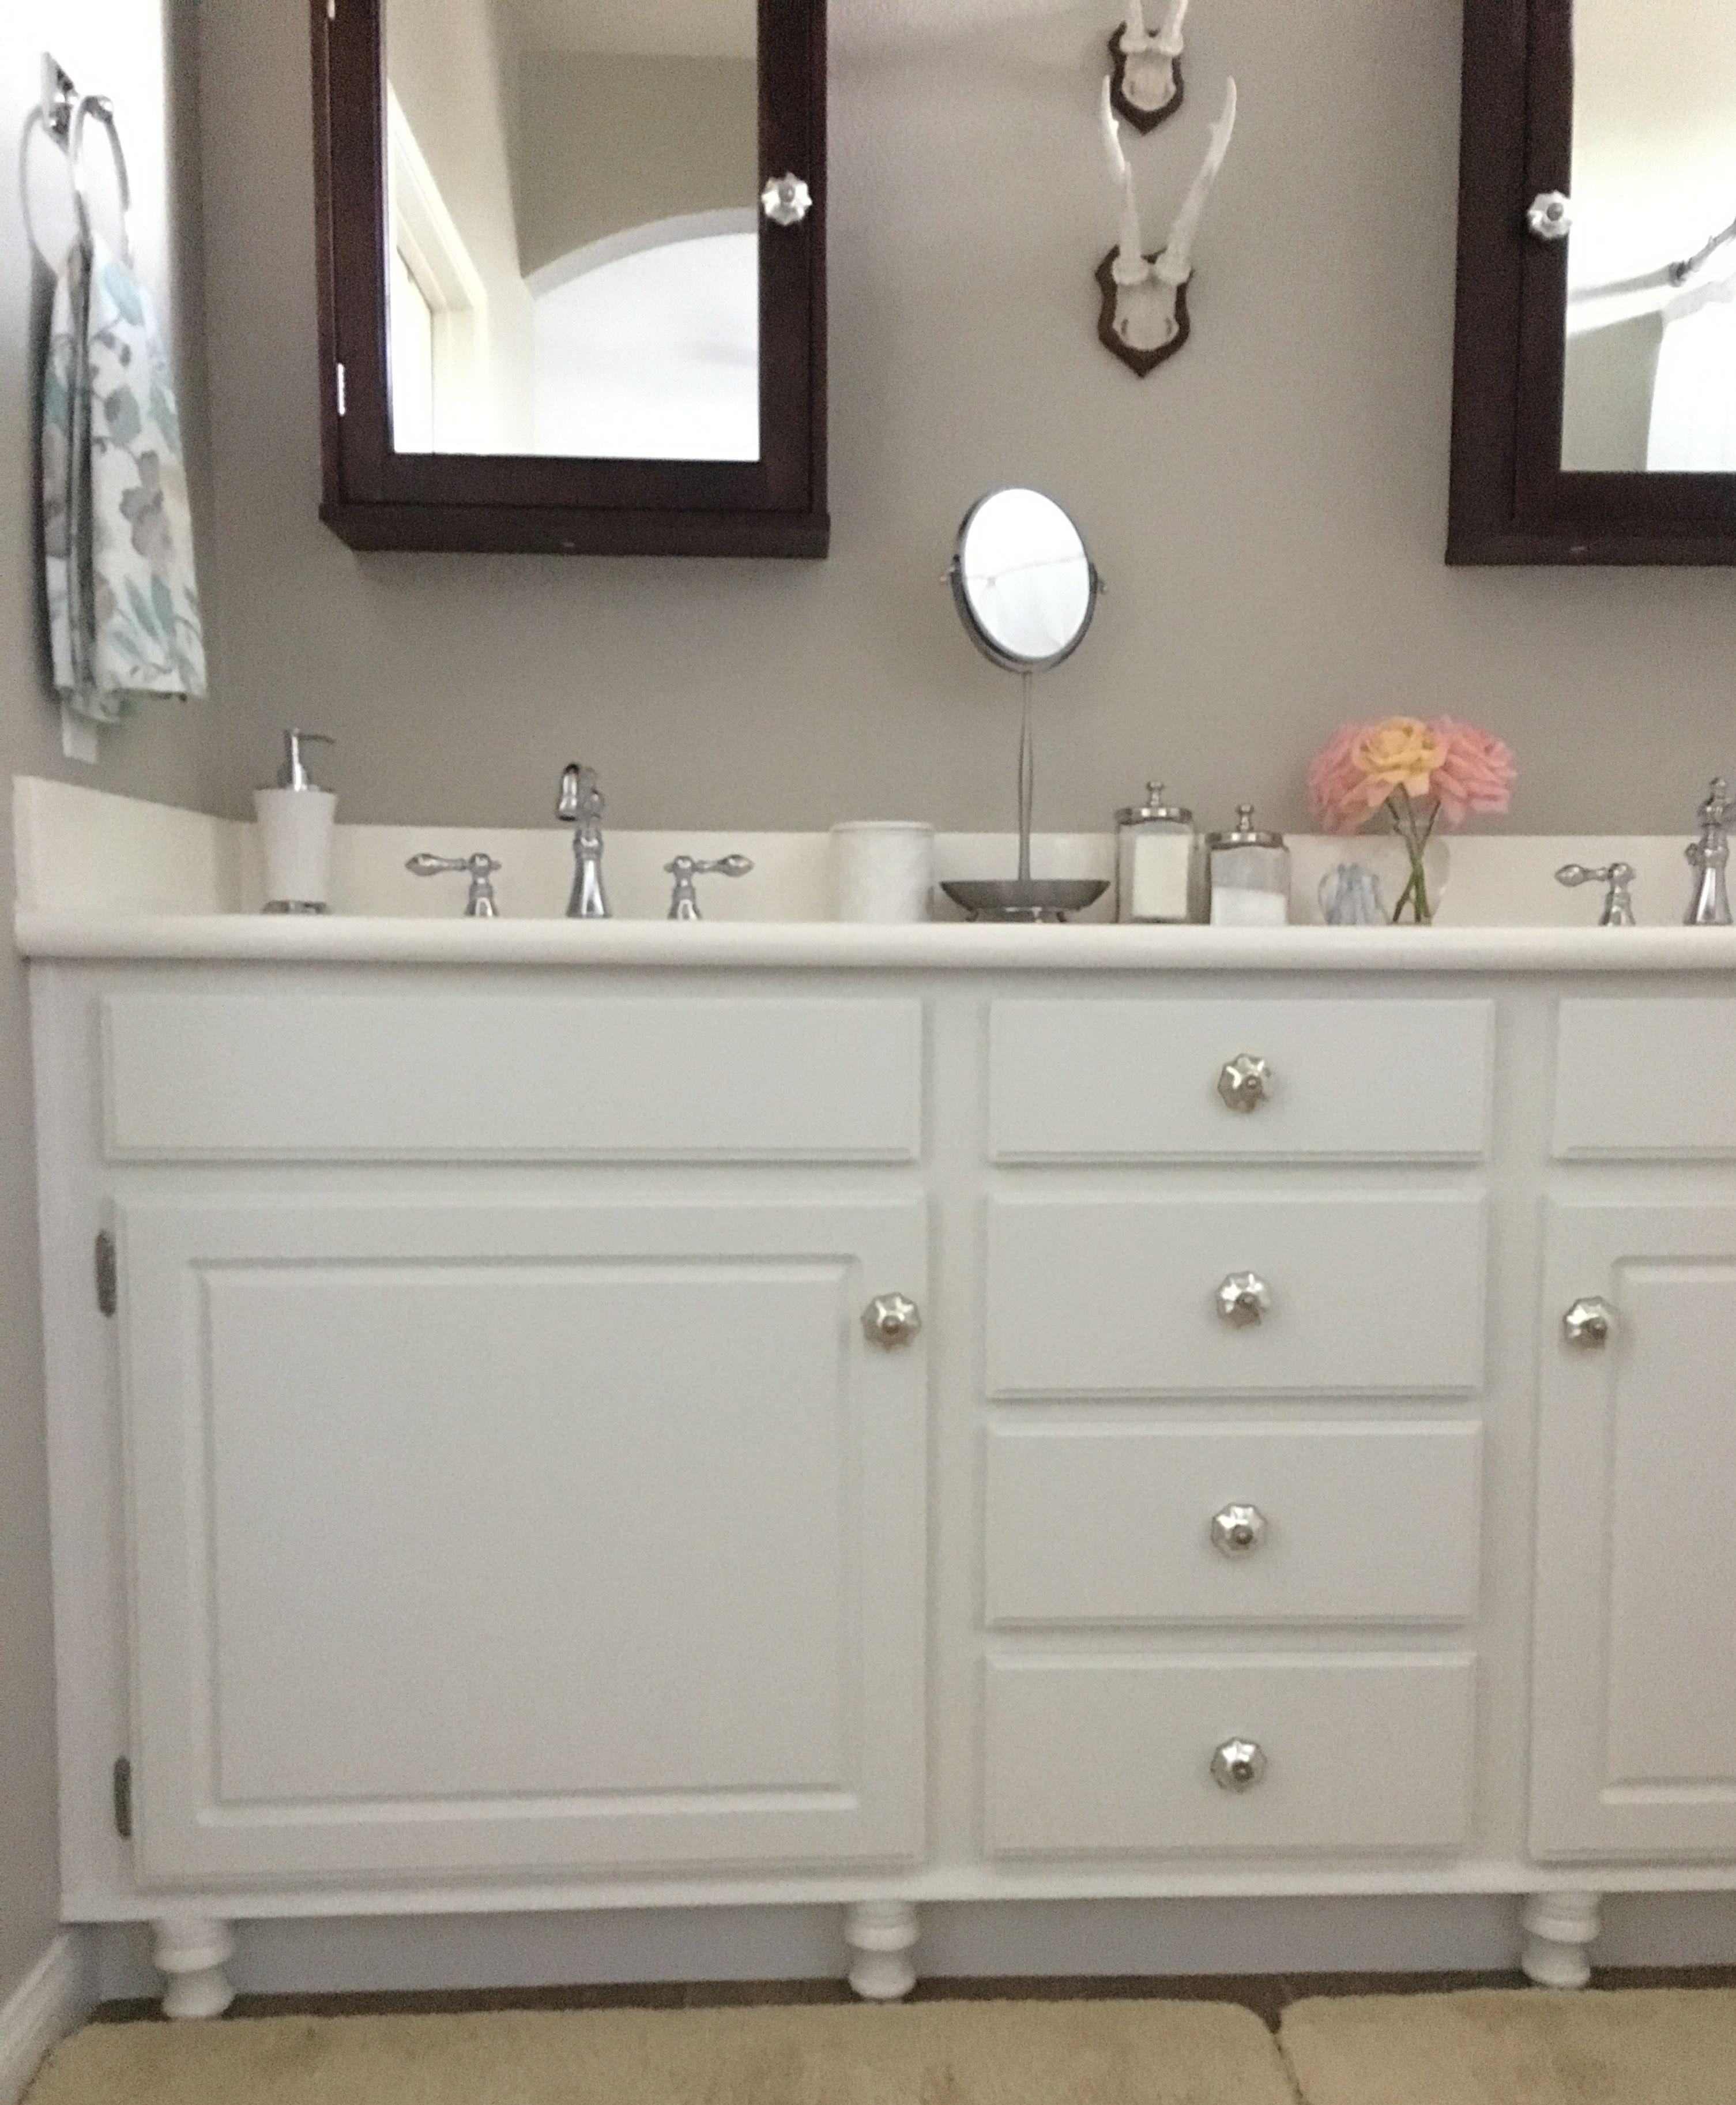 Adding Wood Feet to a Bathroom Vanity - Honey N Hydrangea